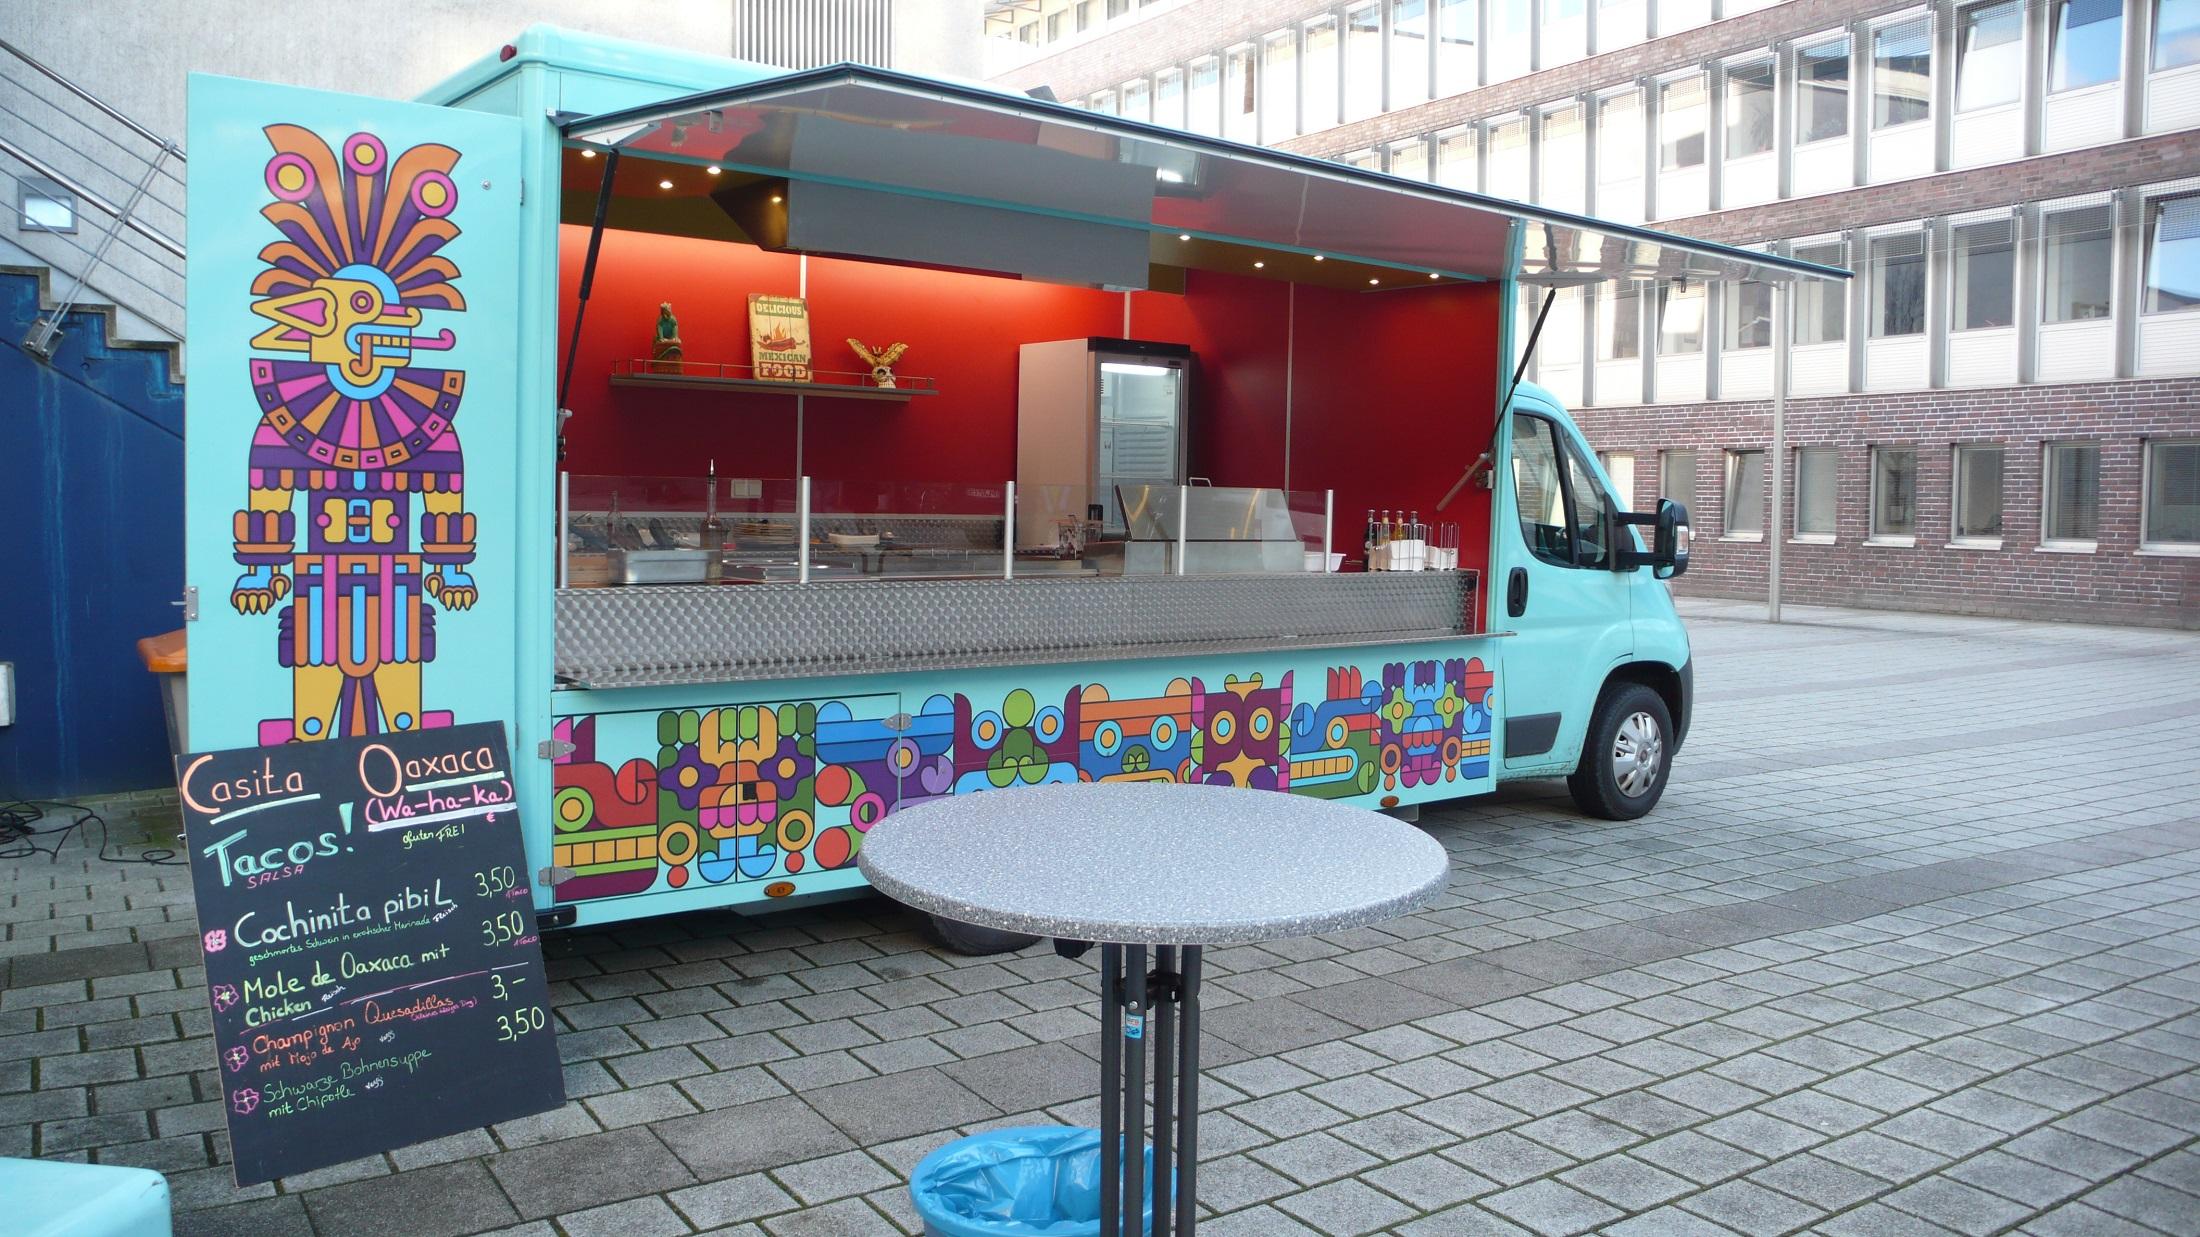 Casita Oaxaca Truck_1